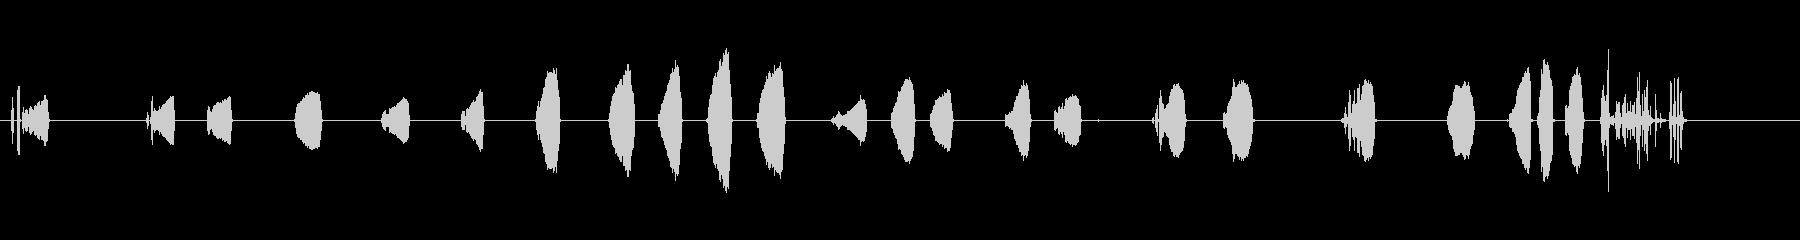 鷹-鳥の未再生の波形